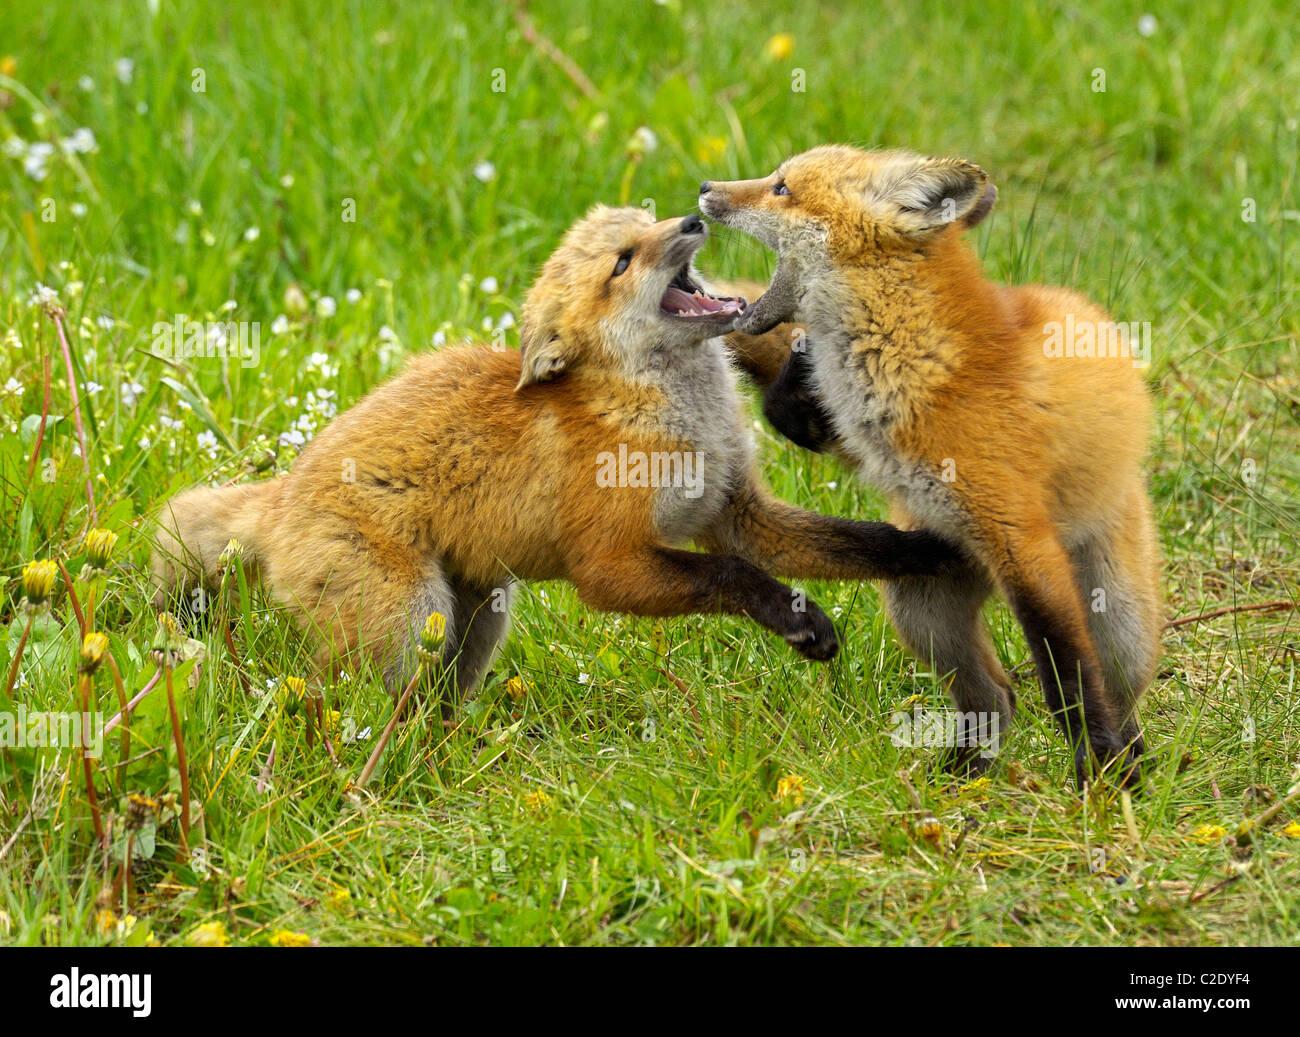 Red Fox i bambini a giocare. Immagini Stock